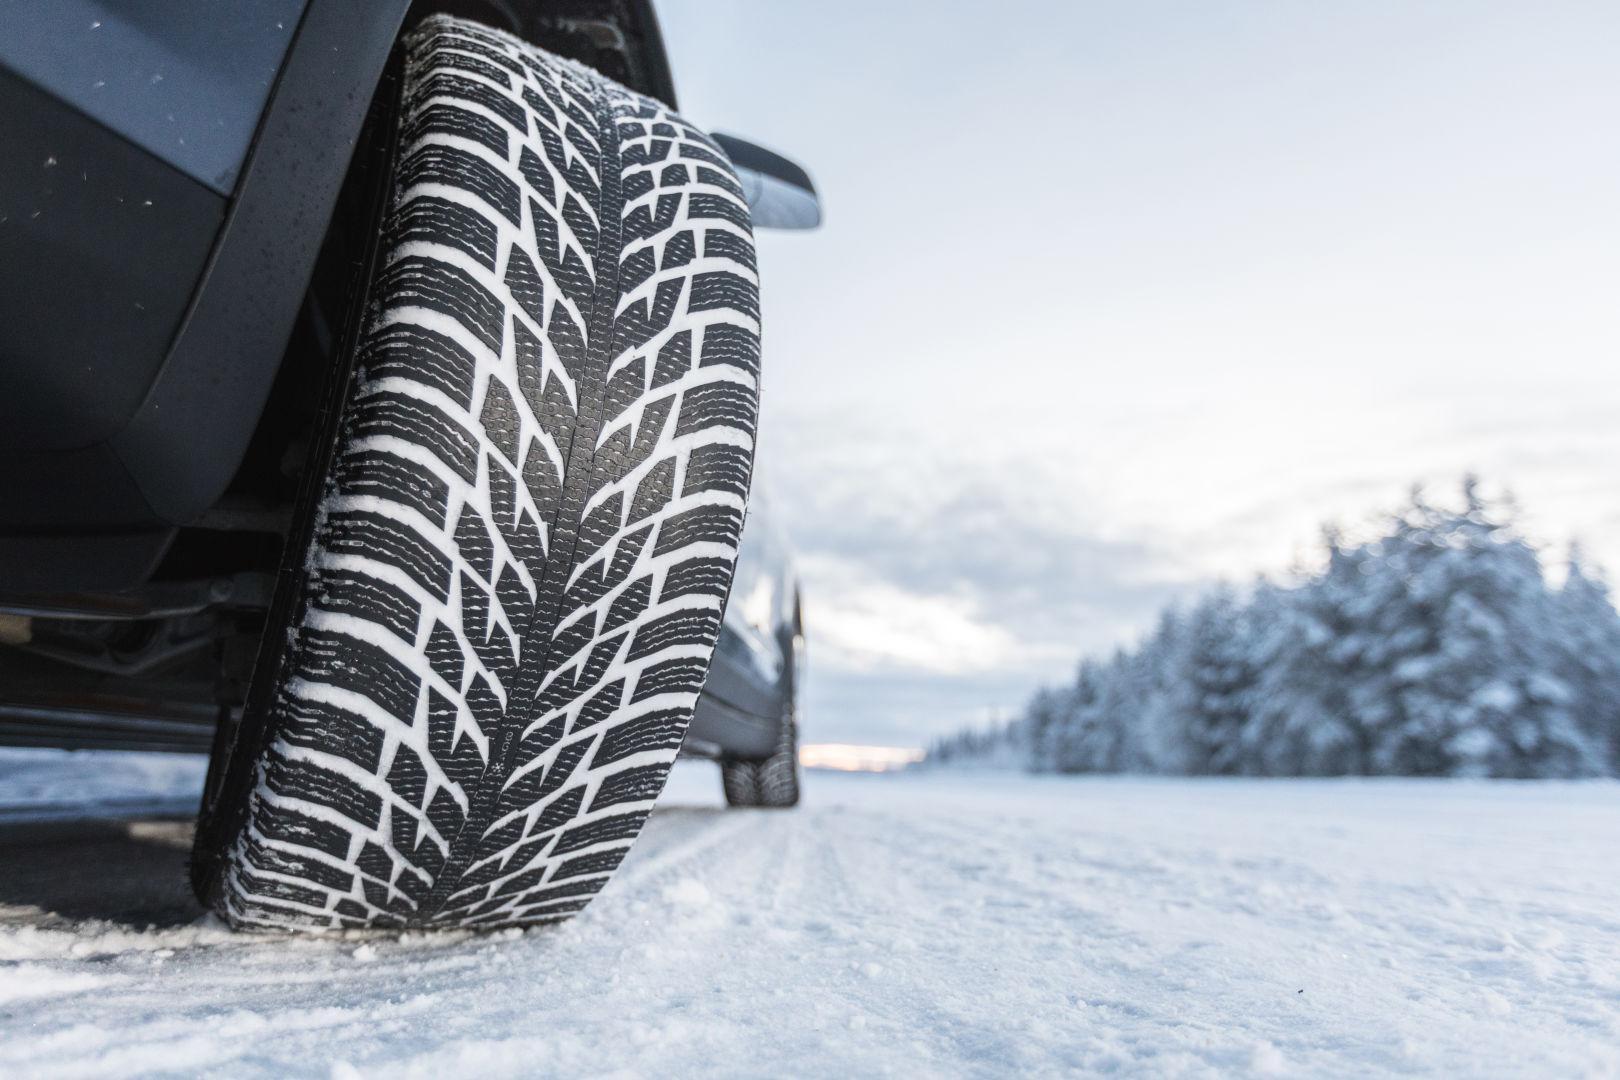 Nokian Tyres представила новую фрикционную шину Hakkapeliitta R3 SUV для суровых зим